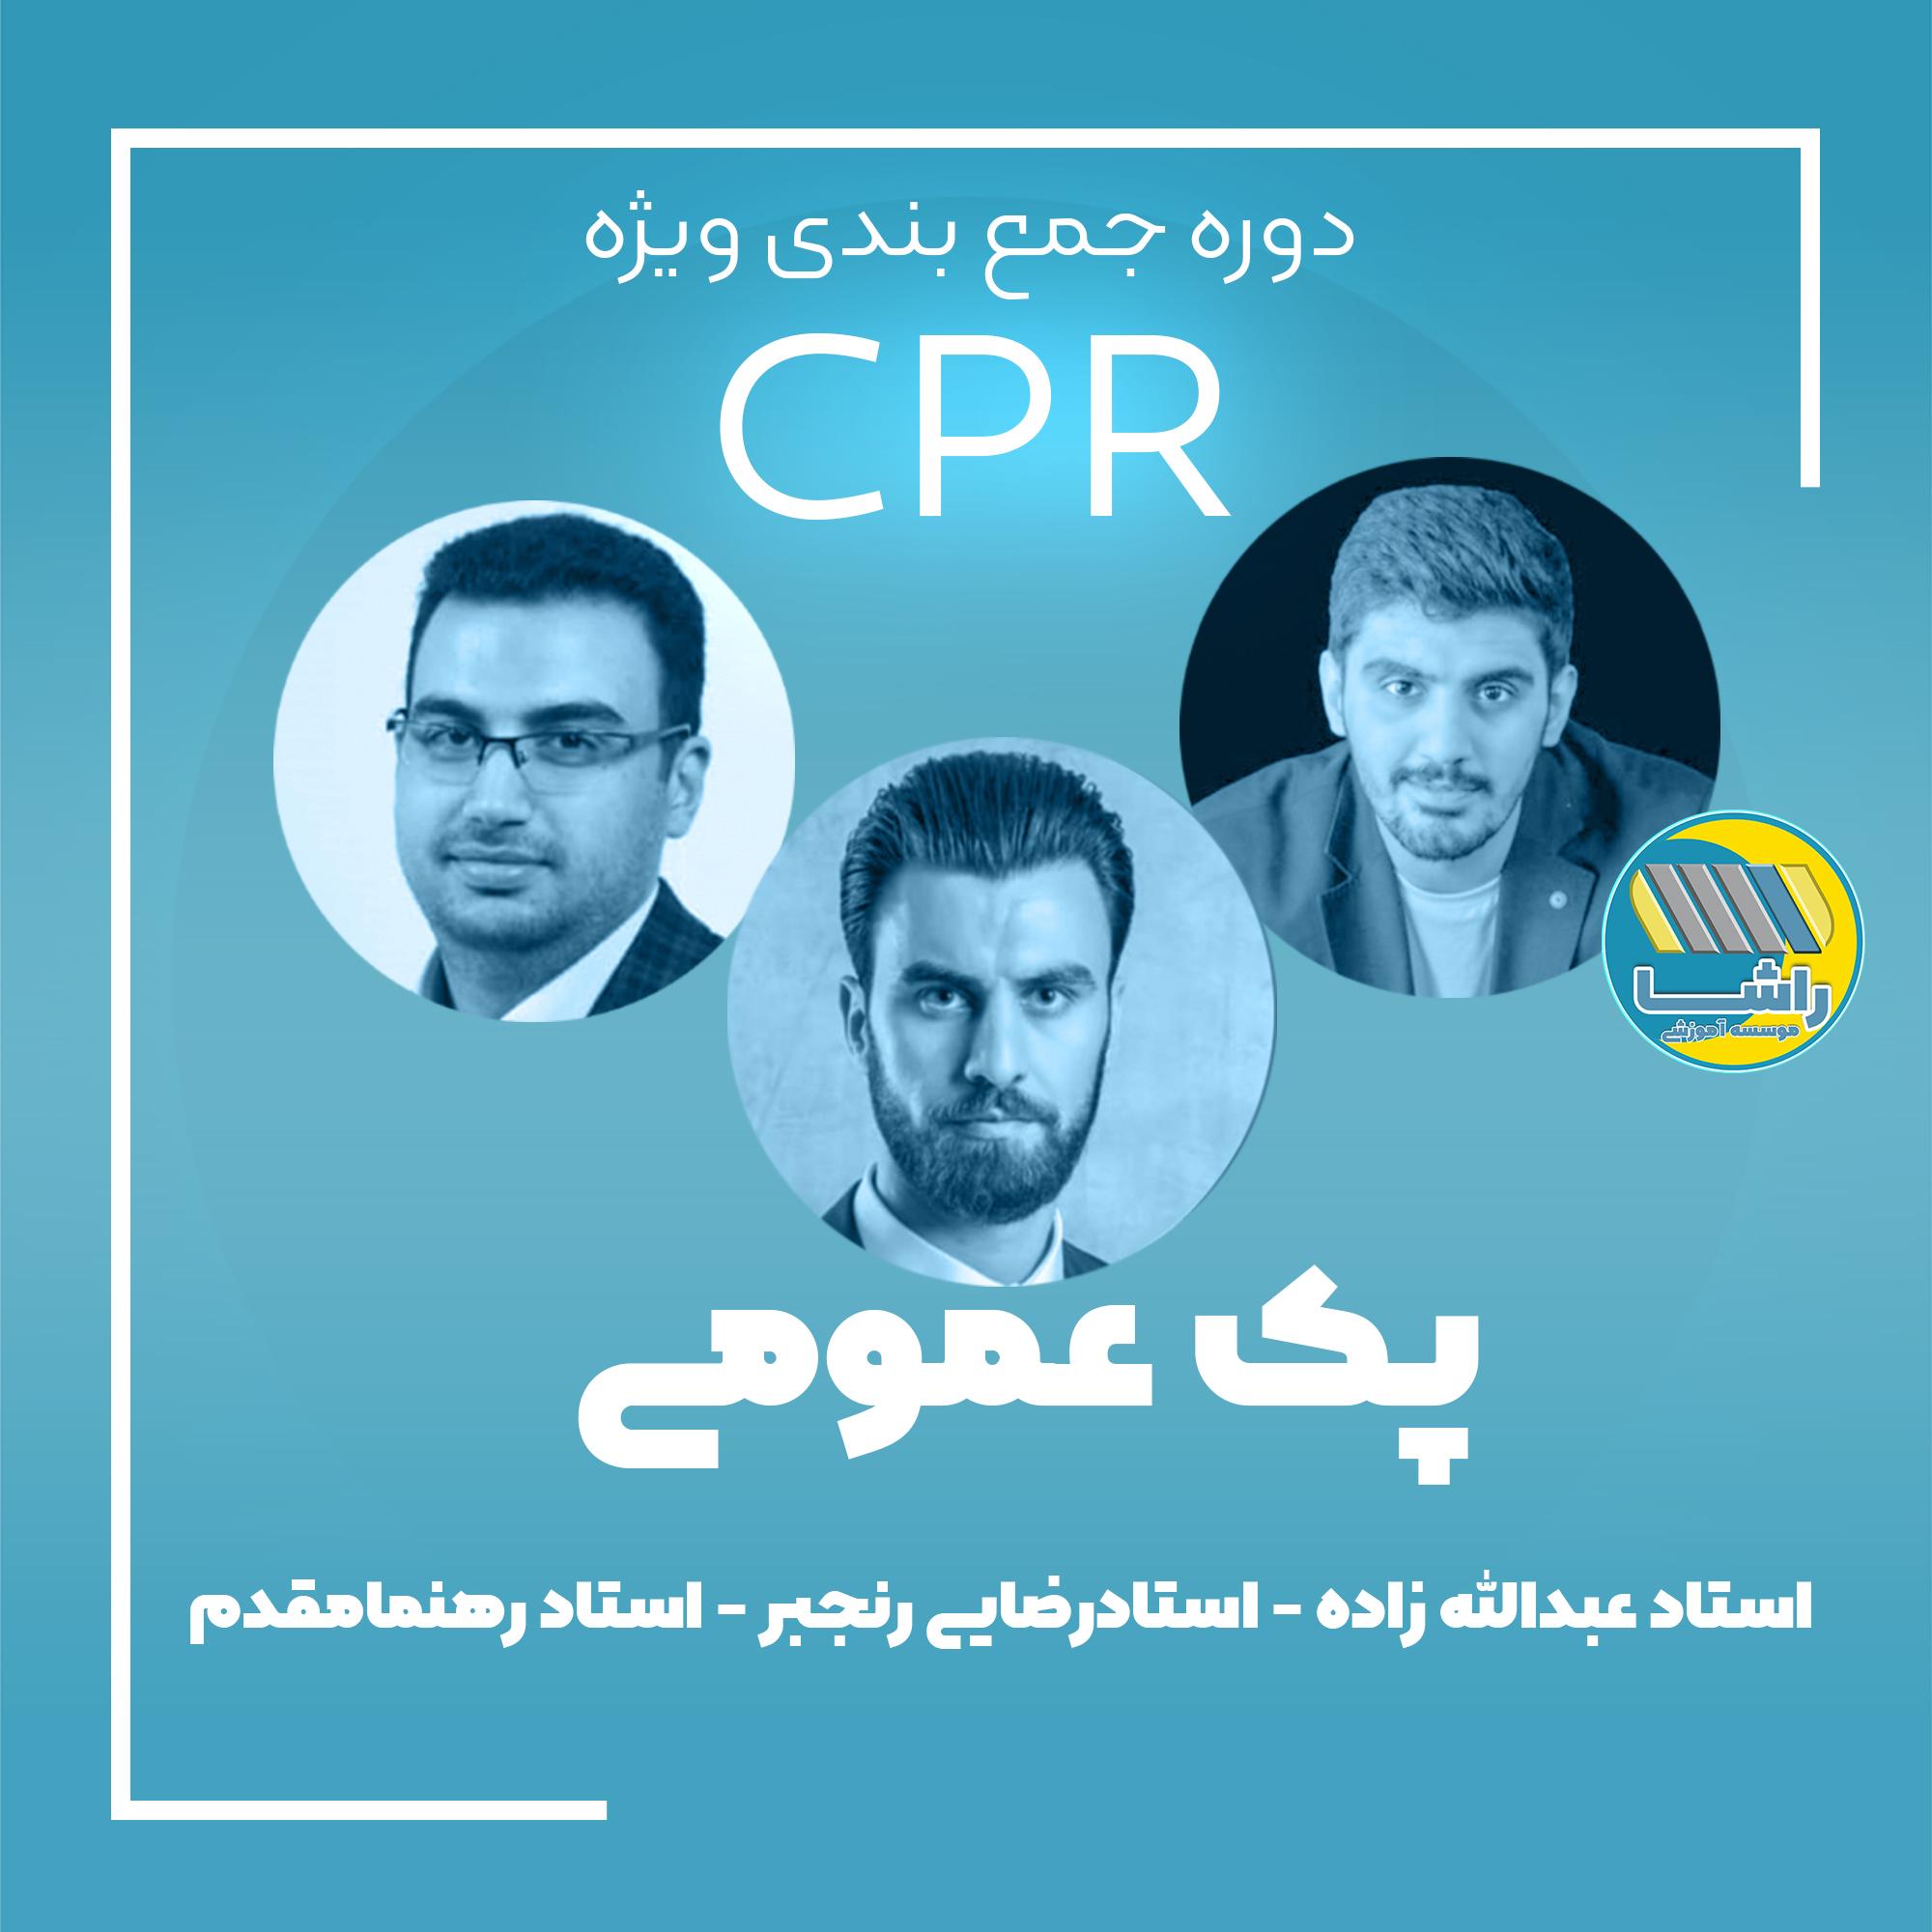 پک عمومی دوره جمع بندی ویژه CPR